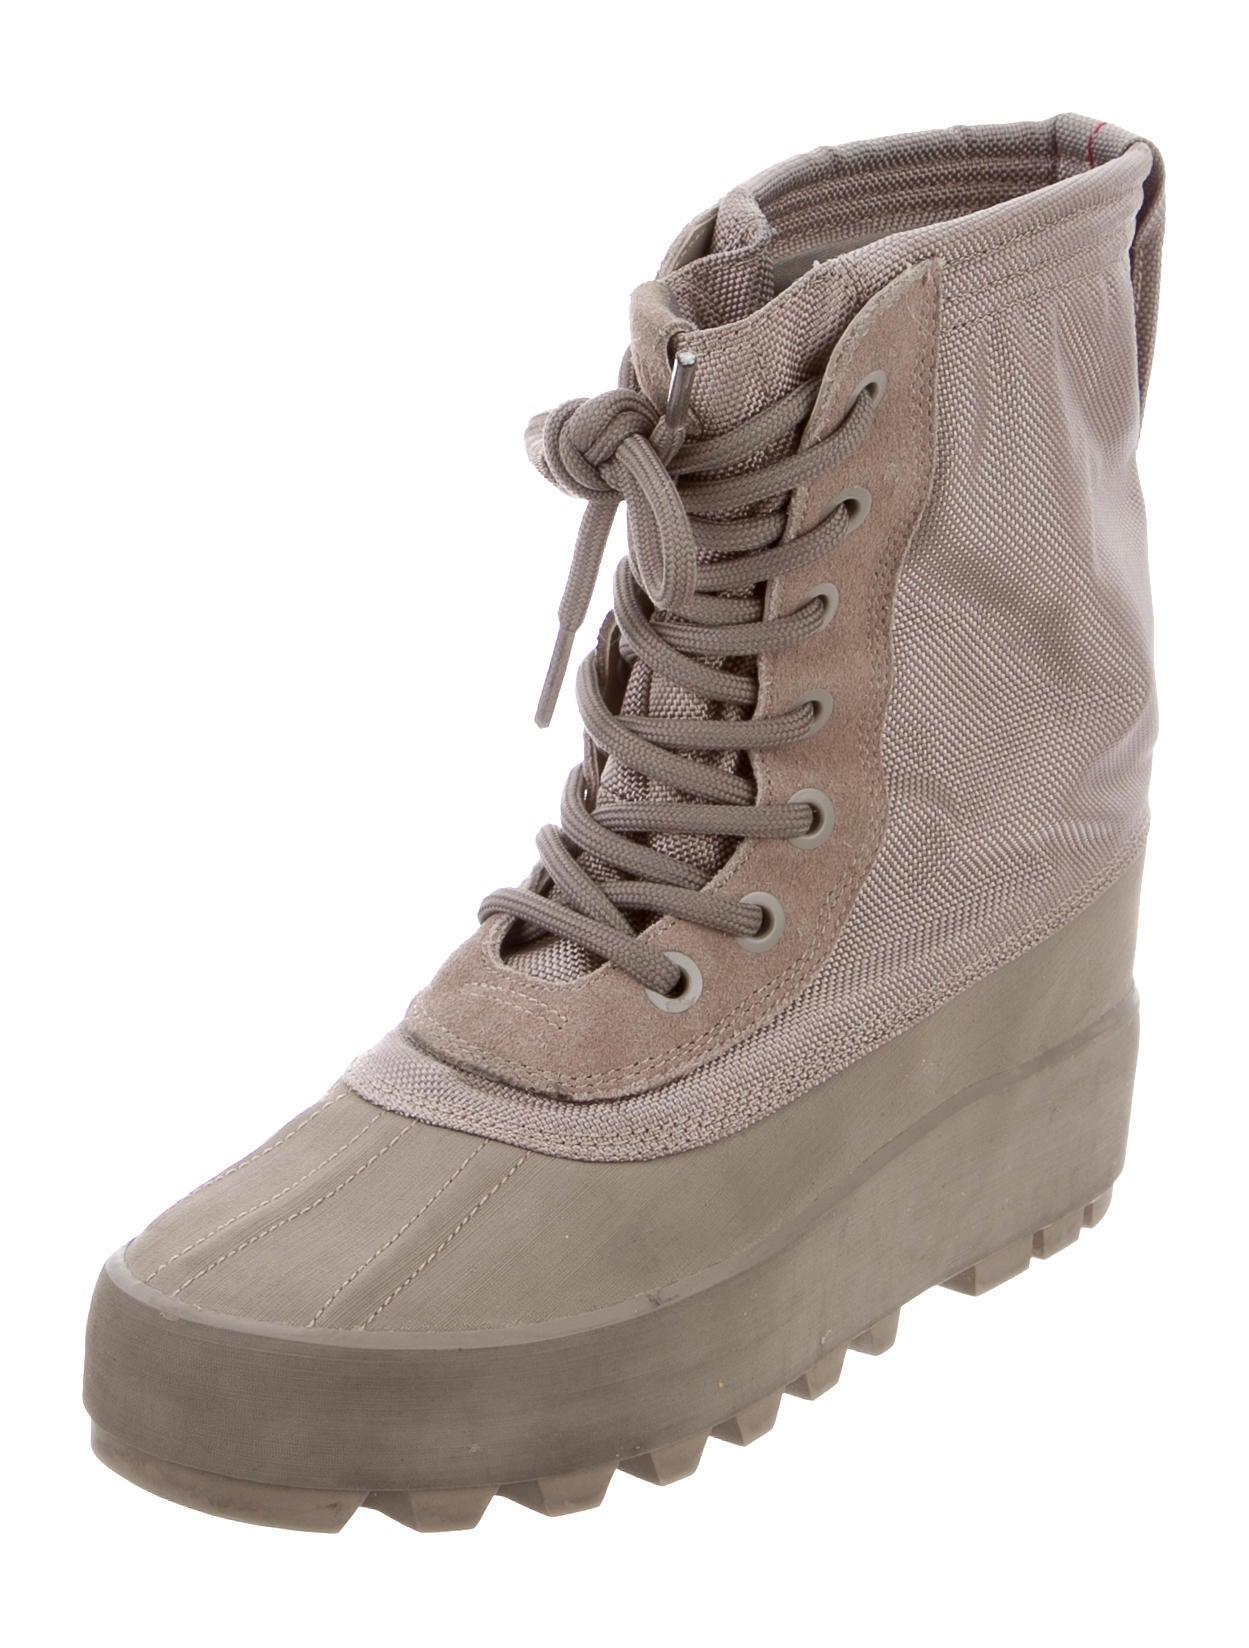 Unique Yeezy Season 2 Crepe Sole Boots Oil Brown